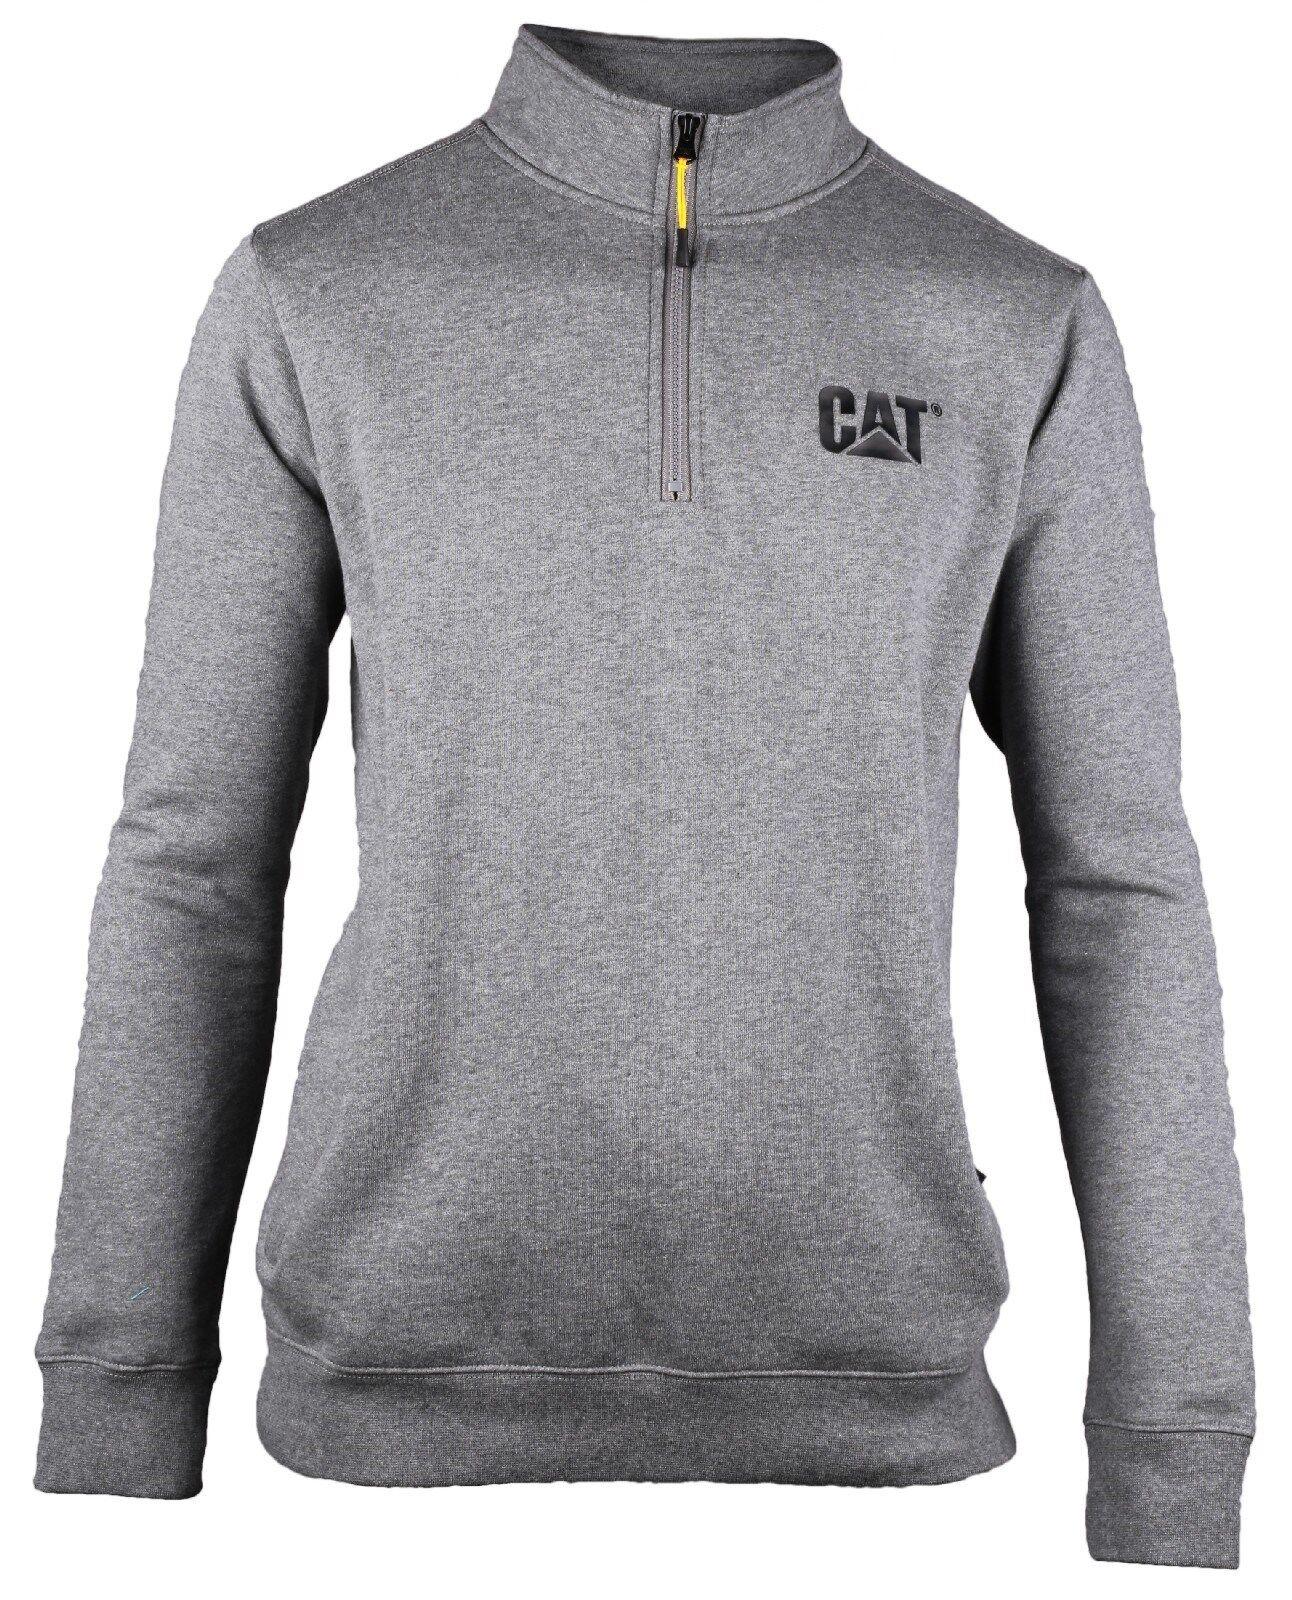 CAT Caterpillar Kapuzenpullover warm schwarz m Handytasche großes Logo